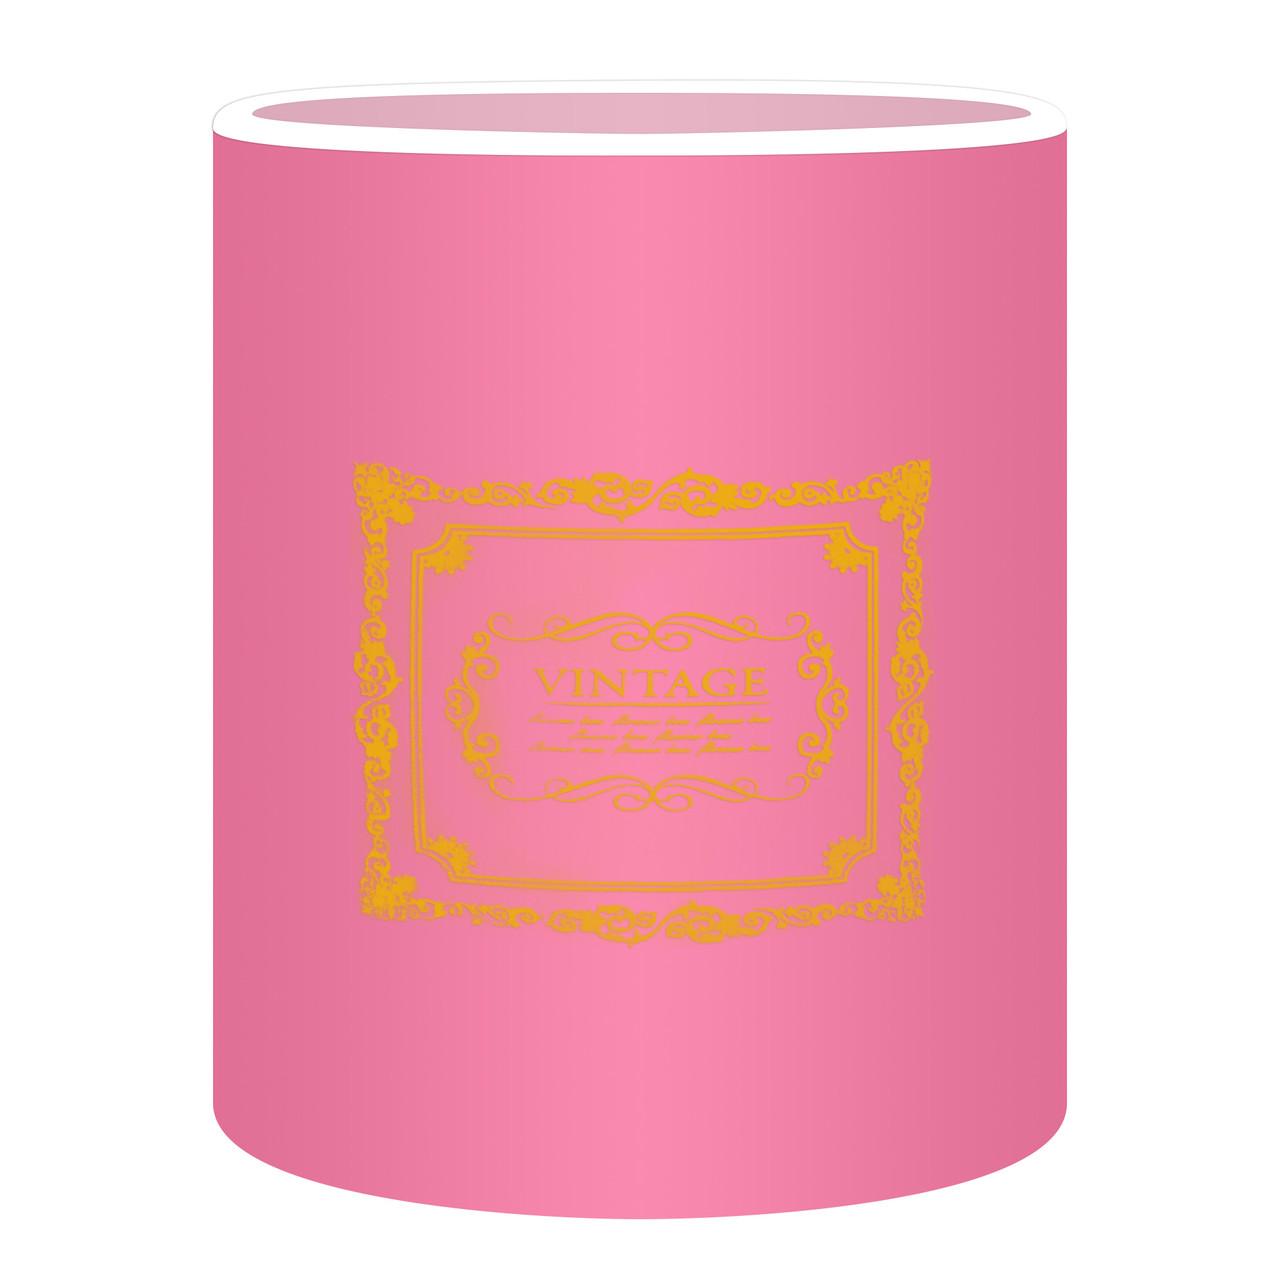 Коробка для цветов без крышки 15 х 14 см розовая